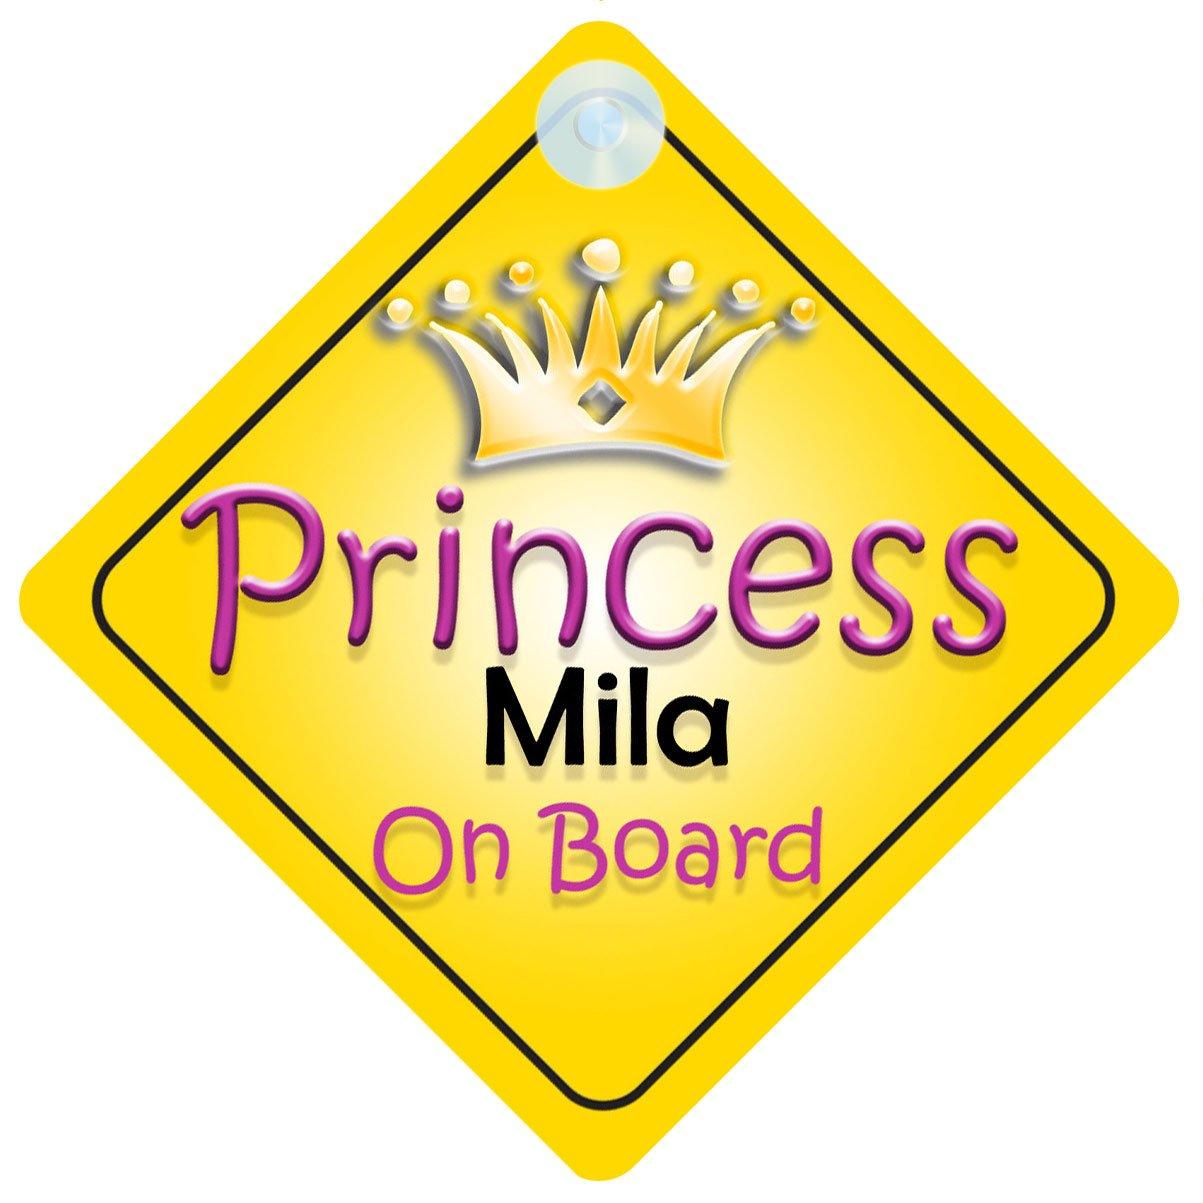 Princesse Mila on Board Panneau Voiture Fille/Enfant Cadeau Bé bé /Cadeau 002 mybabyonboard UK